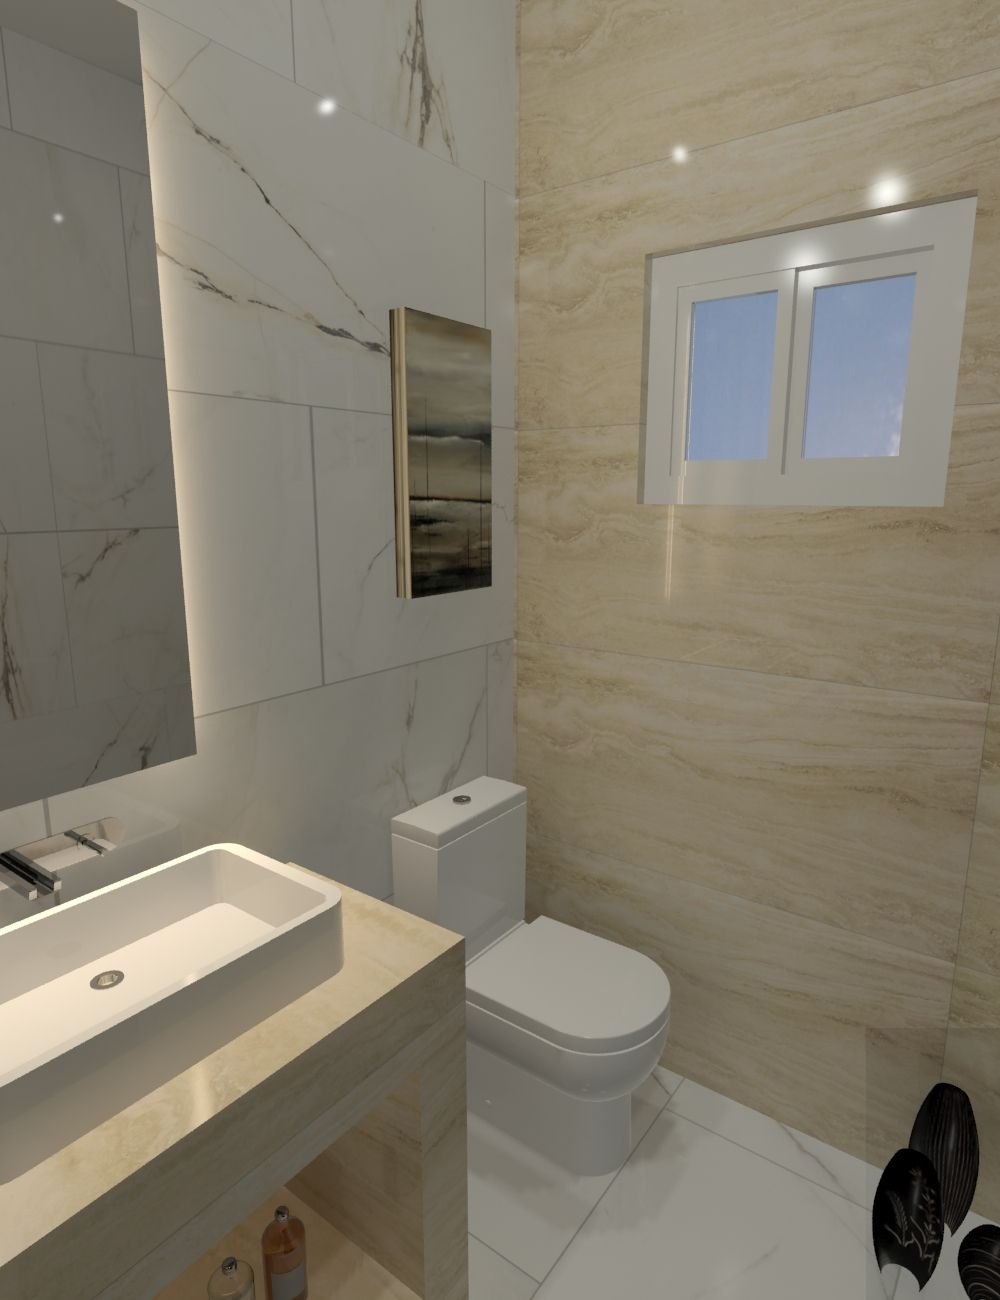 Piso y muros paonazzetto bianco portobello muro ventana for Imagenes de marmol travertino